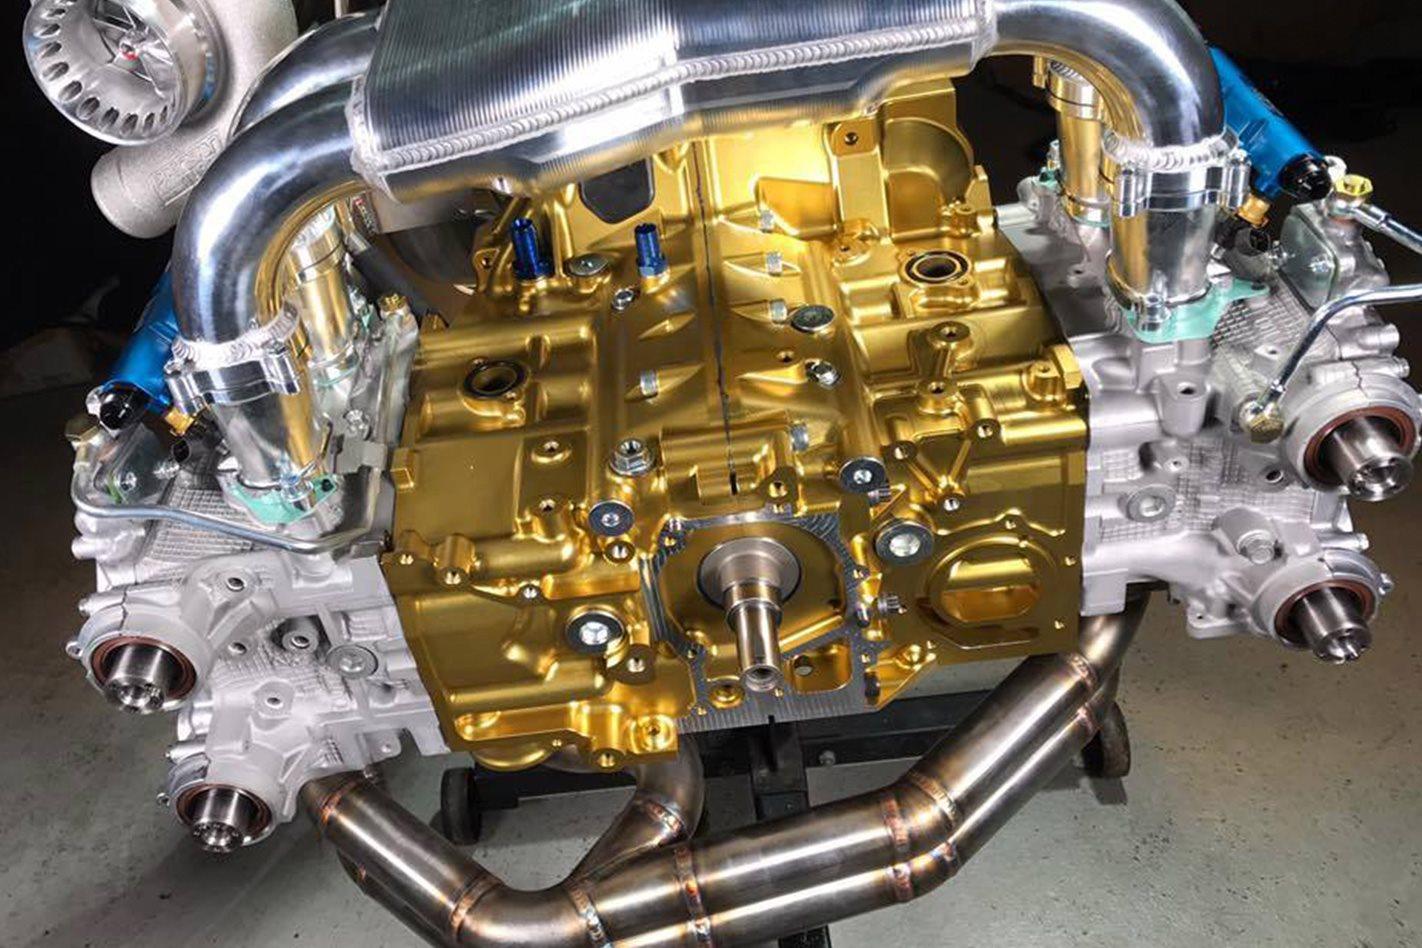 Willall Racings Subaru WRX STI 25BB engine